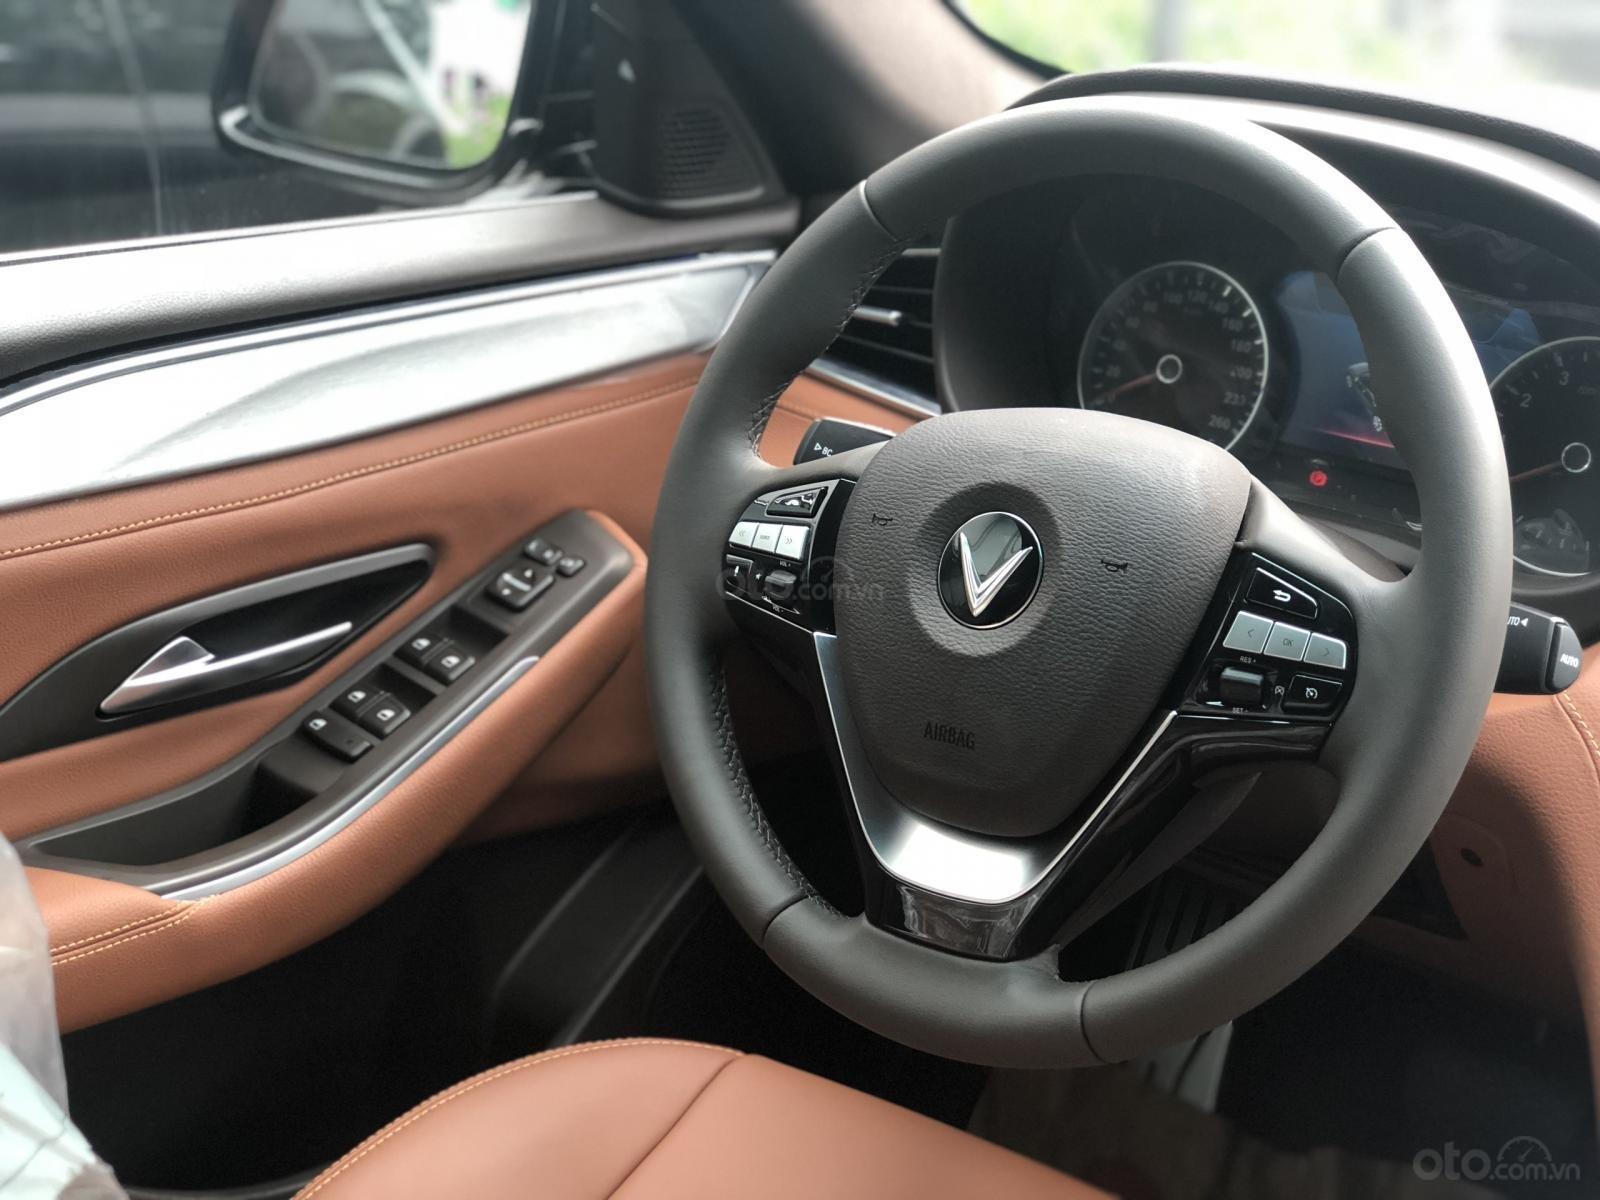 [Duy nhất tháng 11 - VinFast LUX A2.0] rinh xe chỉ từ 75 triệu đồng - lăn bánh chỉ từ 138 triệu đồng (5)